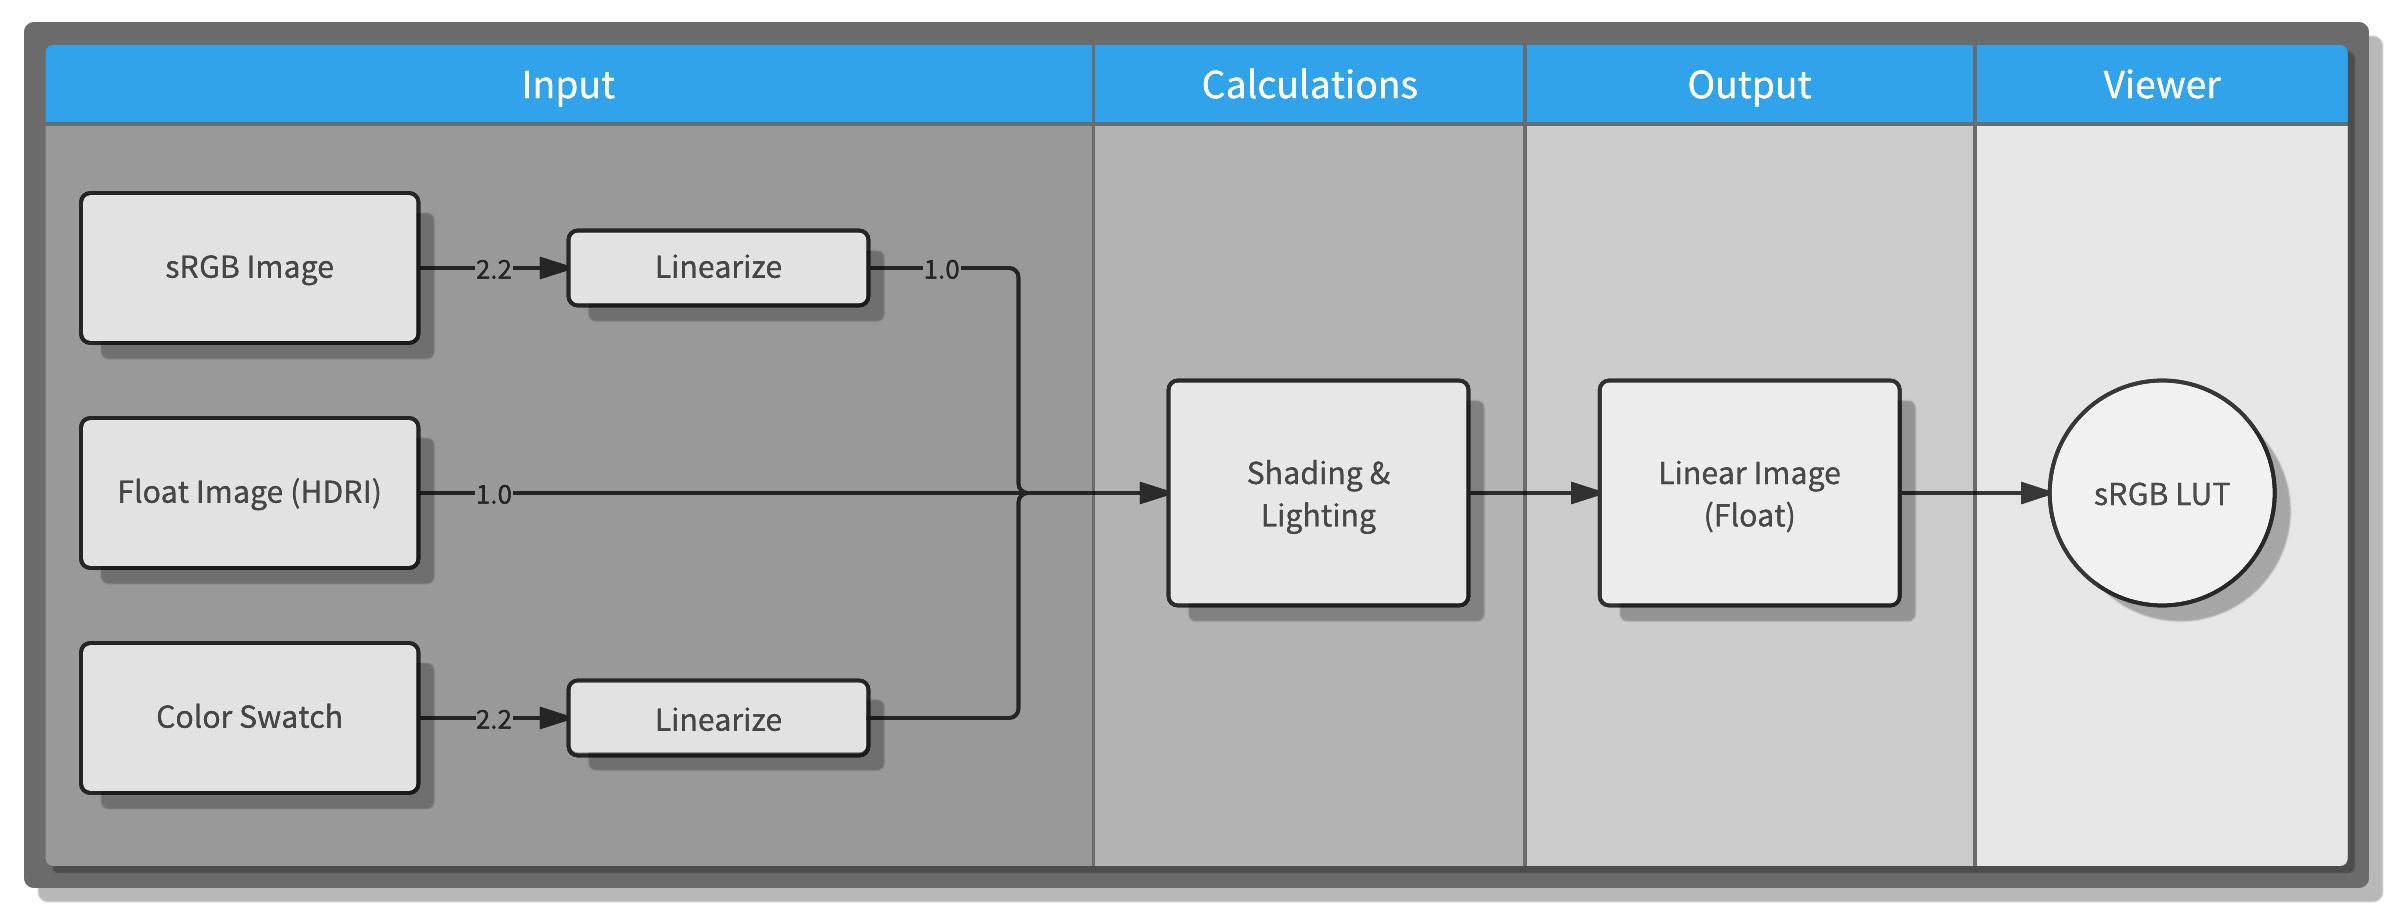 Linear Workflow pipeline diagram